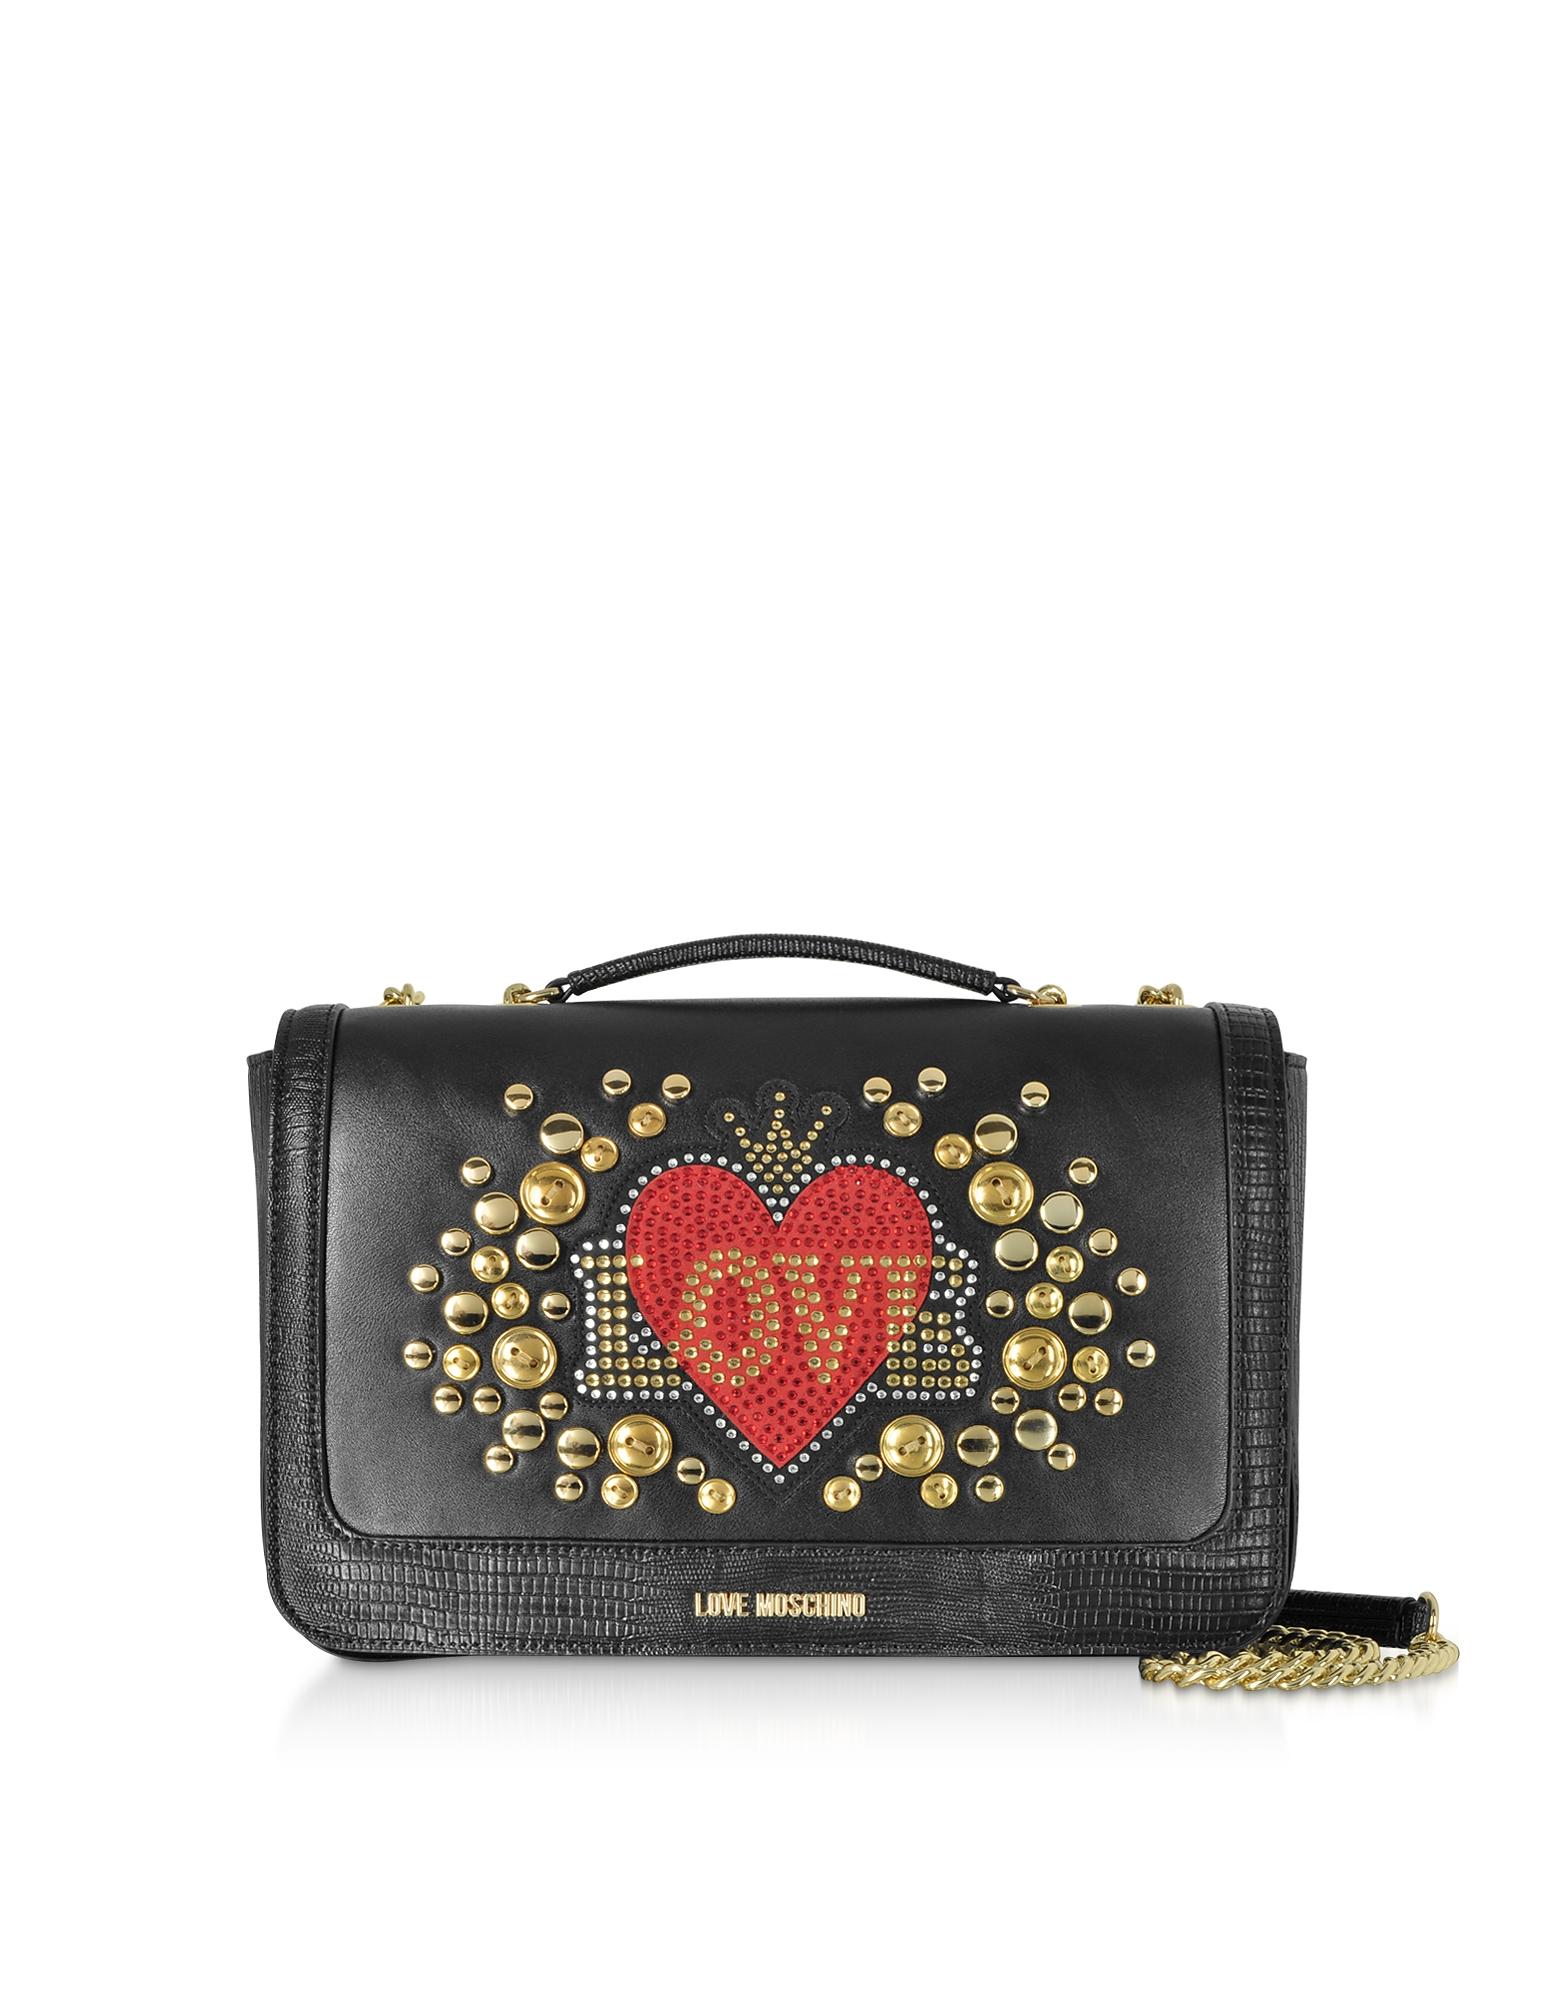 Black Eco-leather Shoulder Bag w/ Heart Crystals